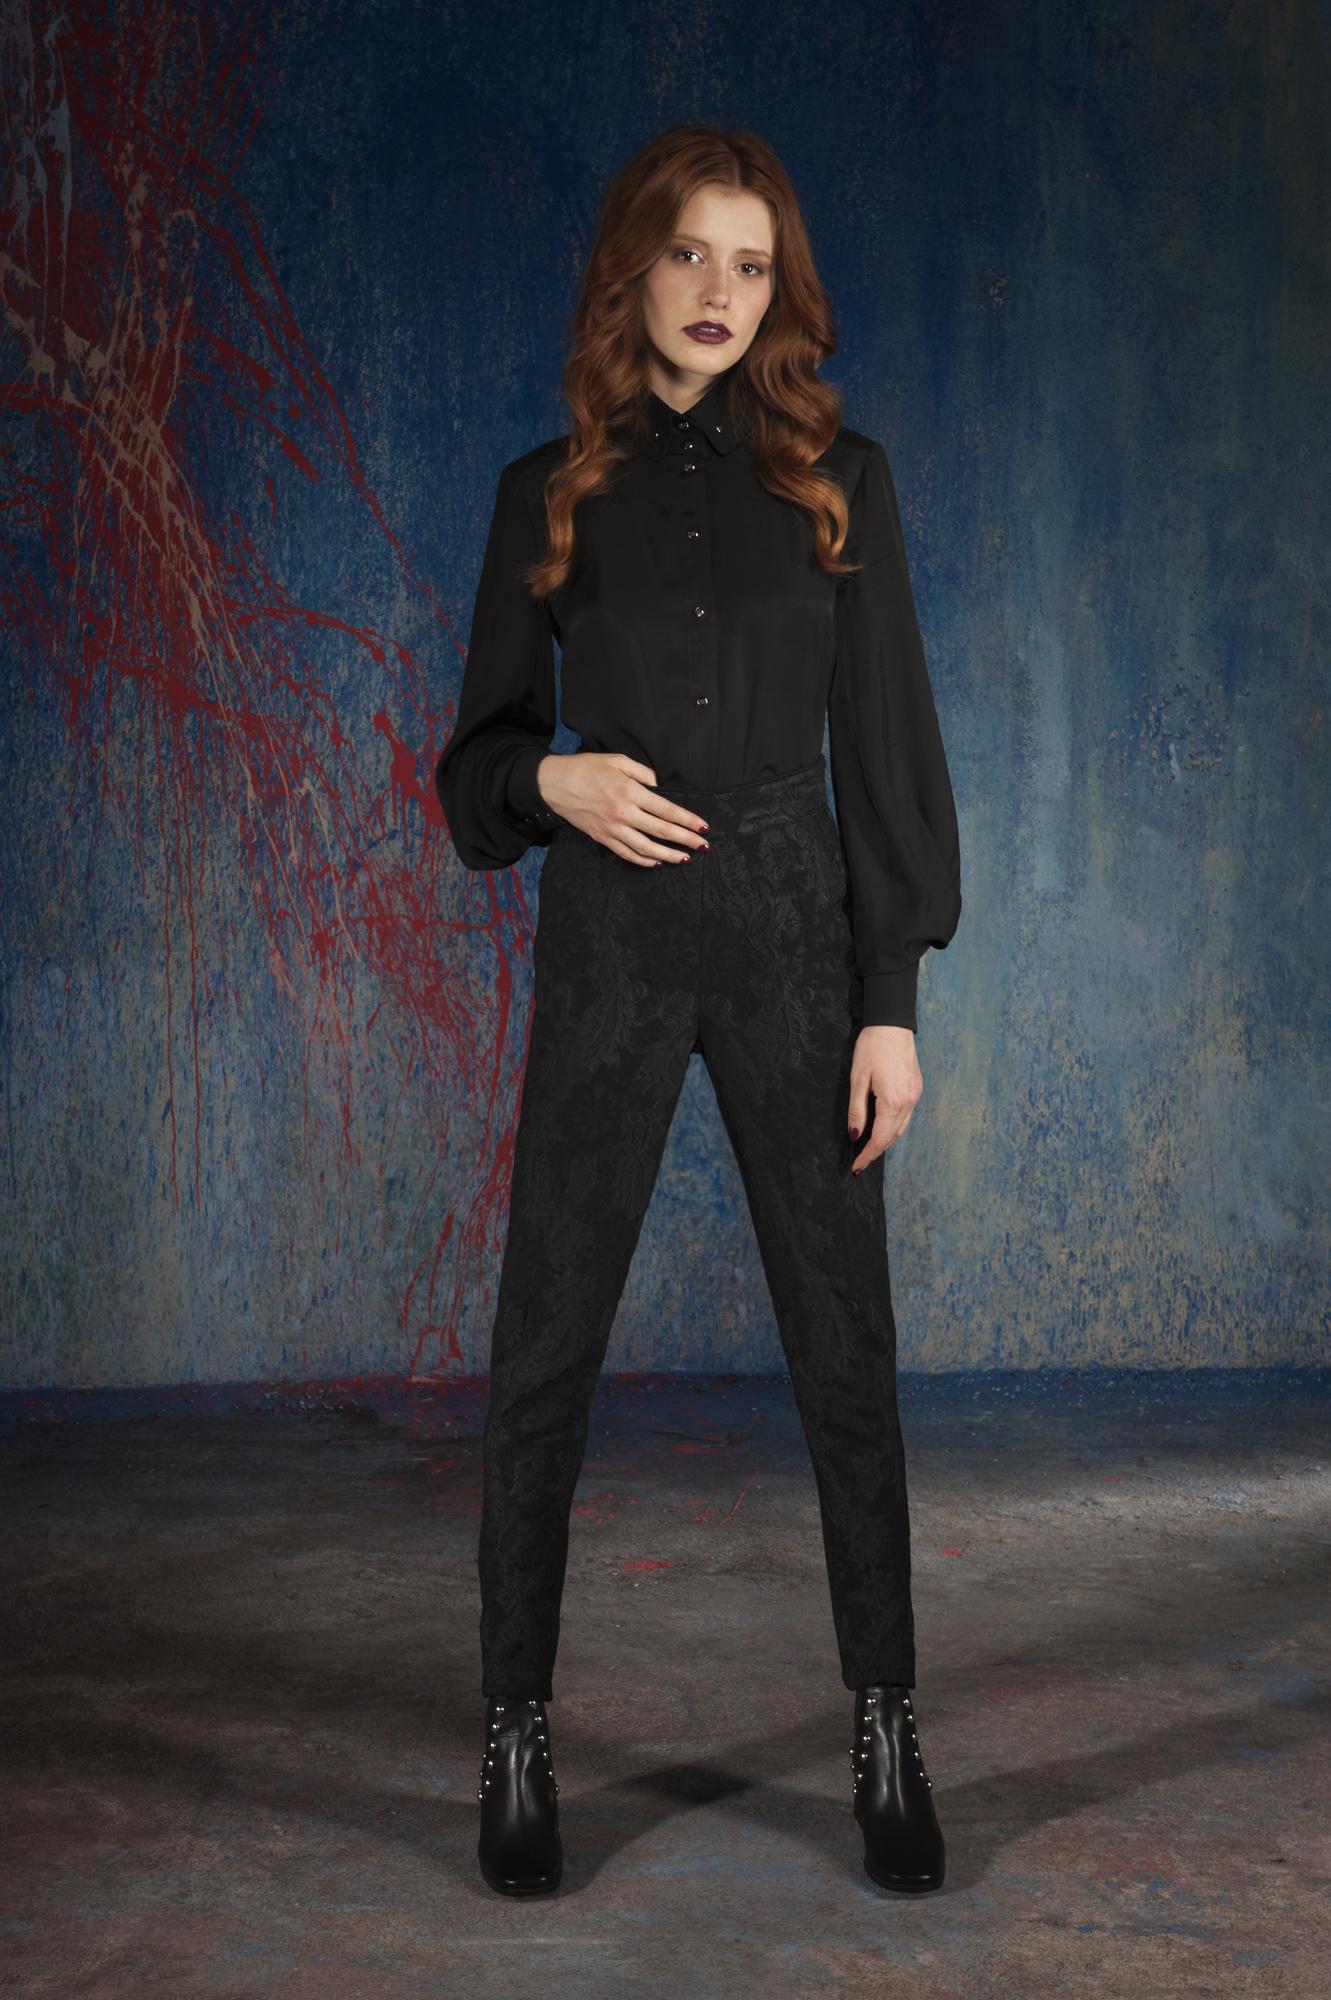 spodnie żakardowe, koszula czarna